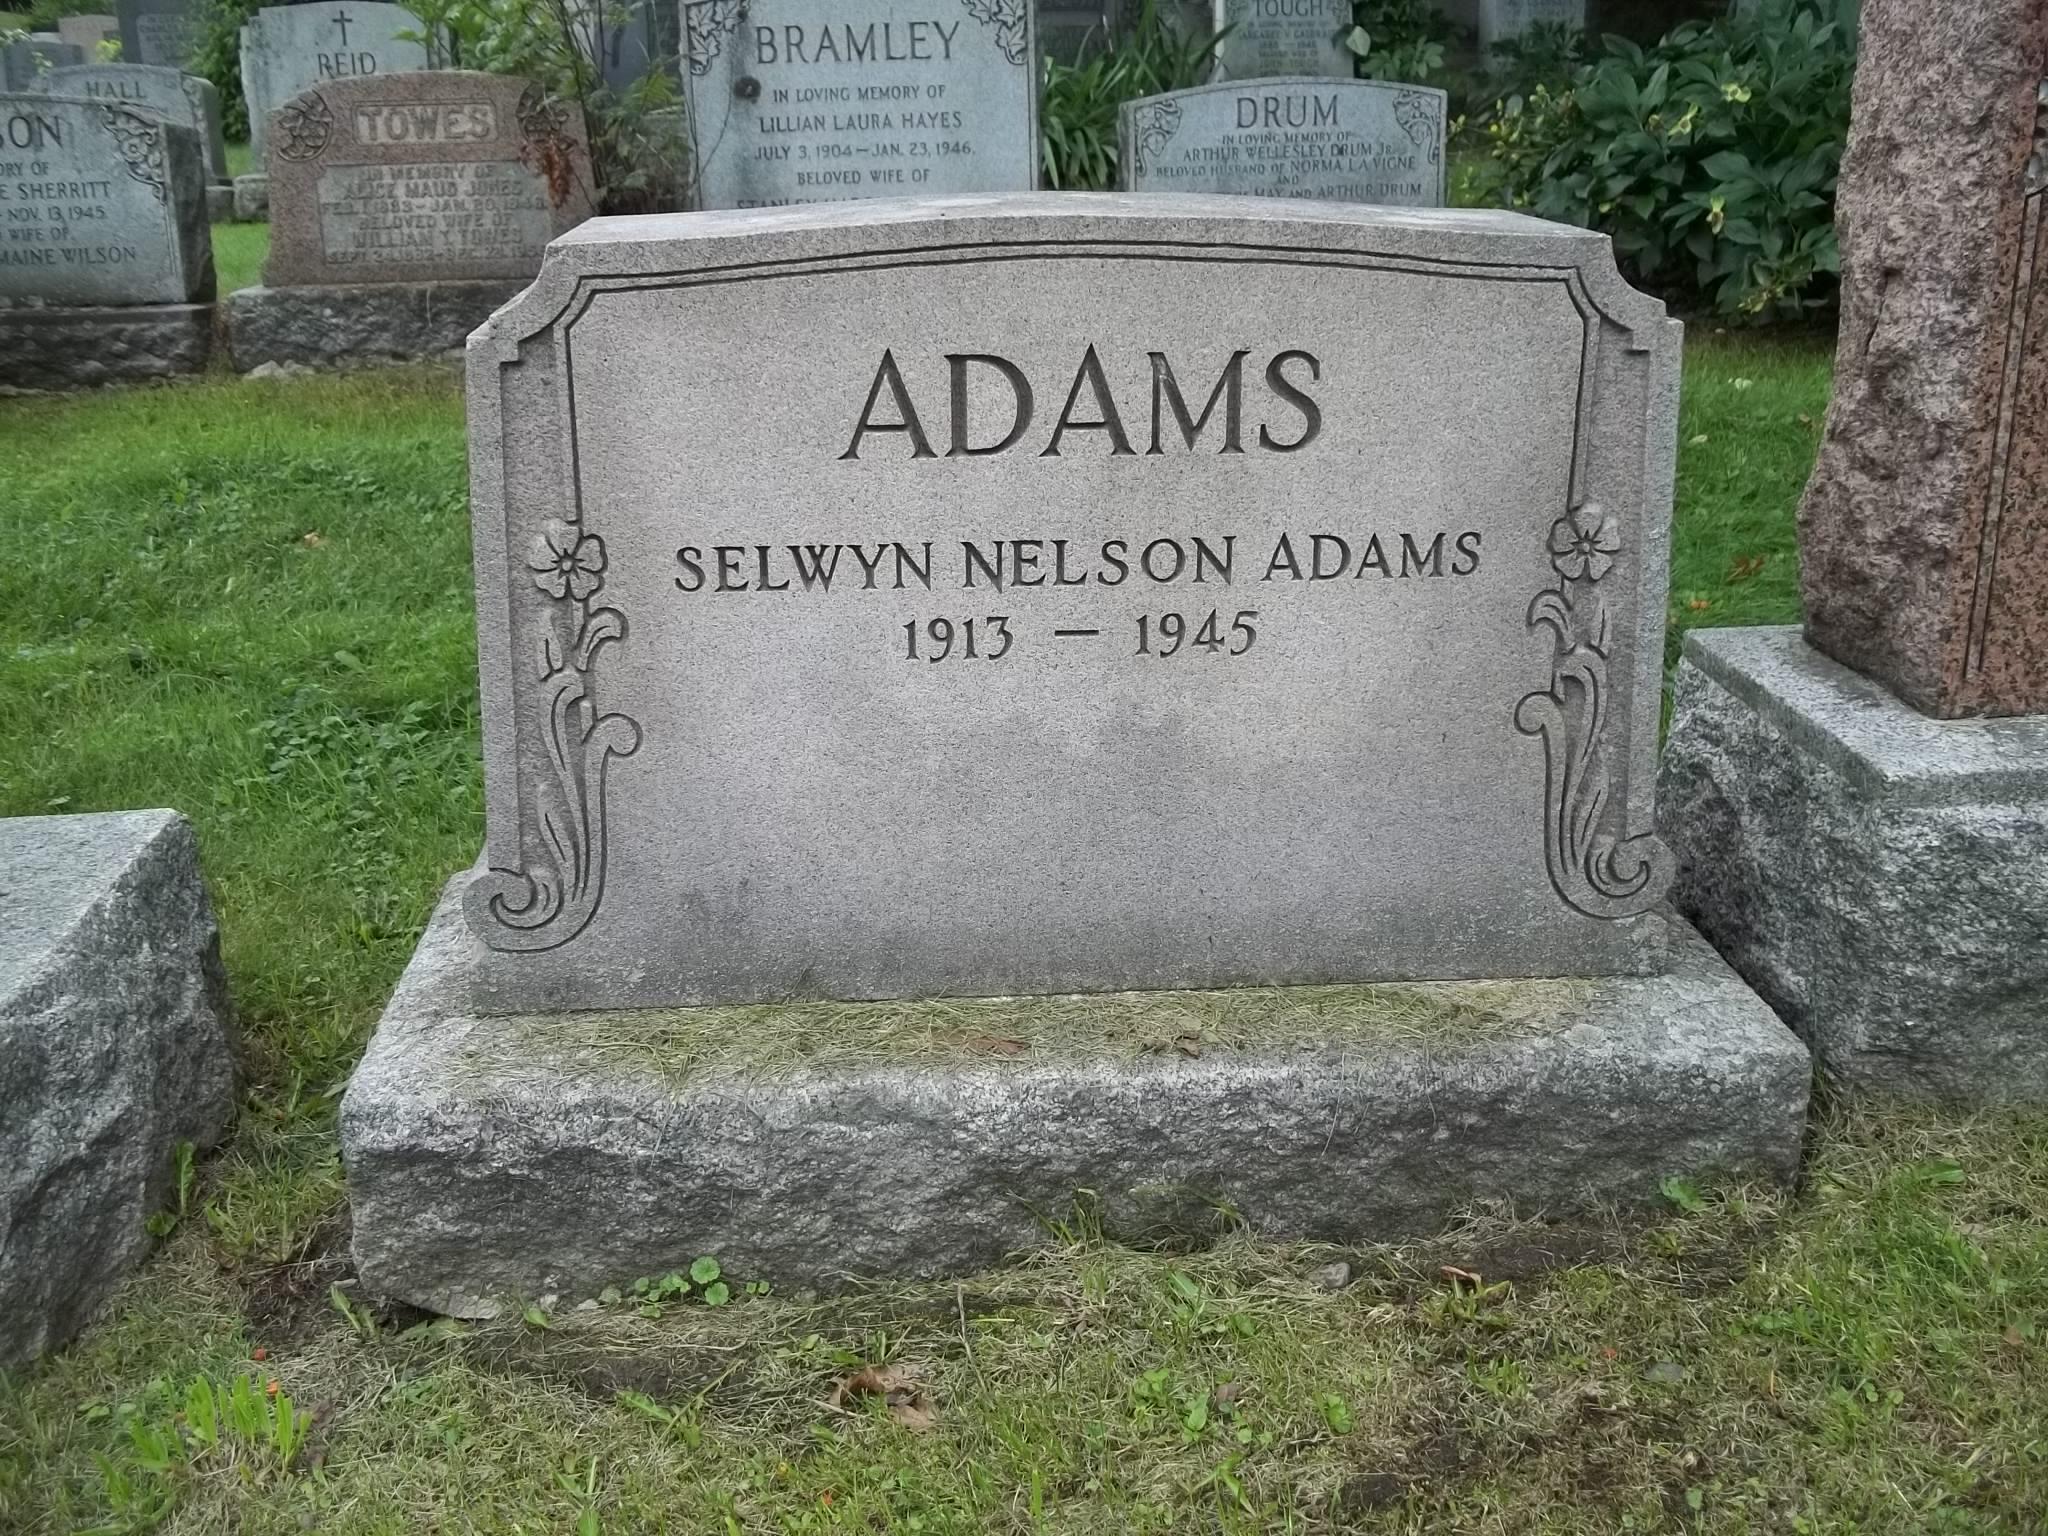 Selwyn Nelson Adams